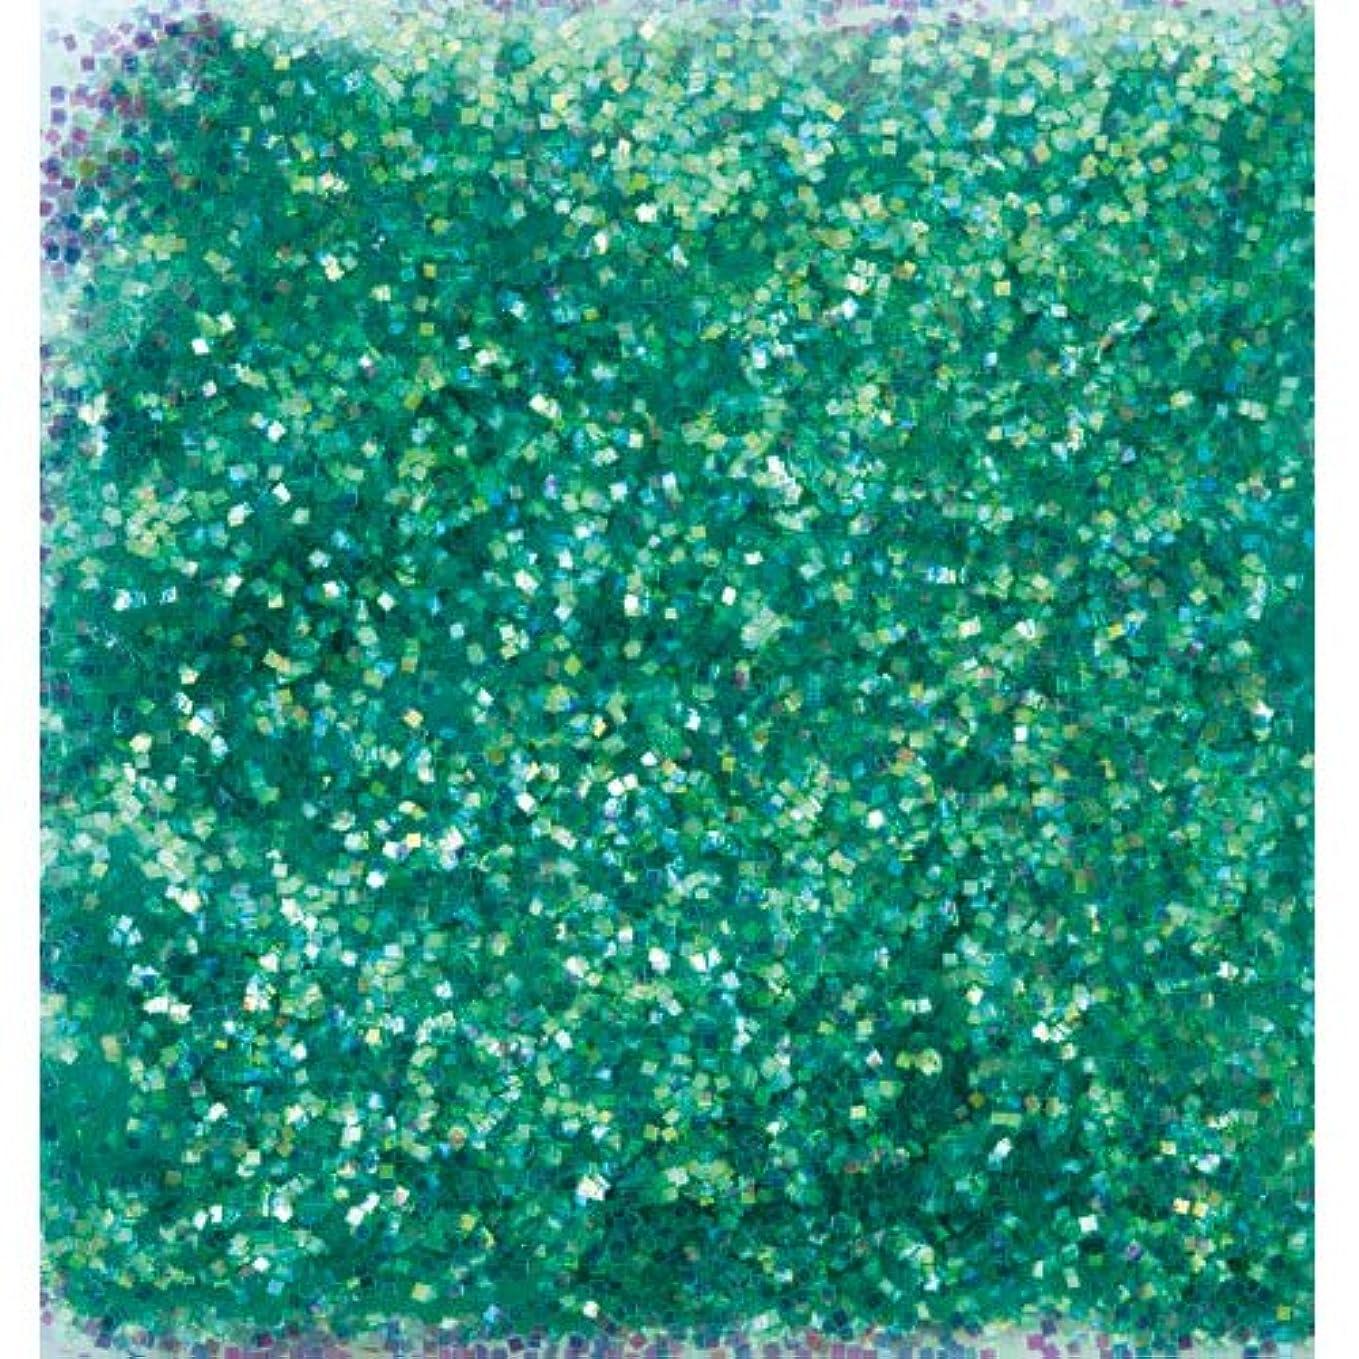 社会科必要としている五十ピカエース ネイル用パウダー オーロラグリッター M #499 グリーン 1.5g